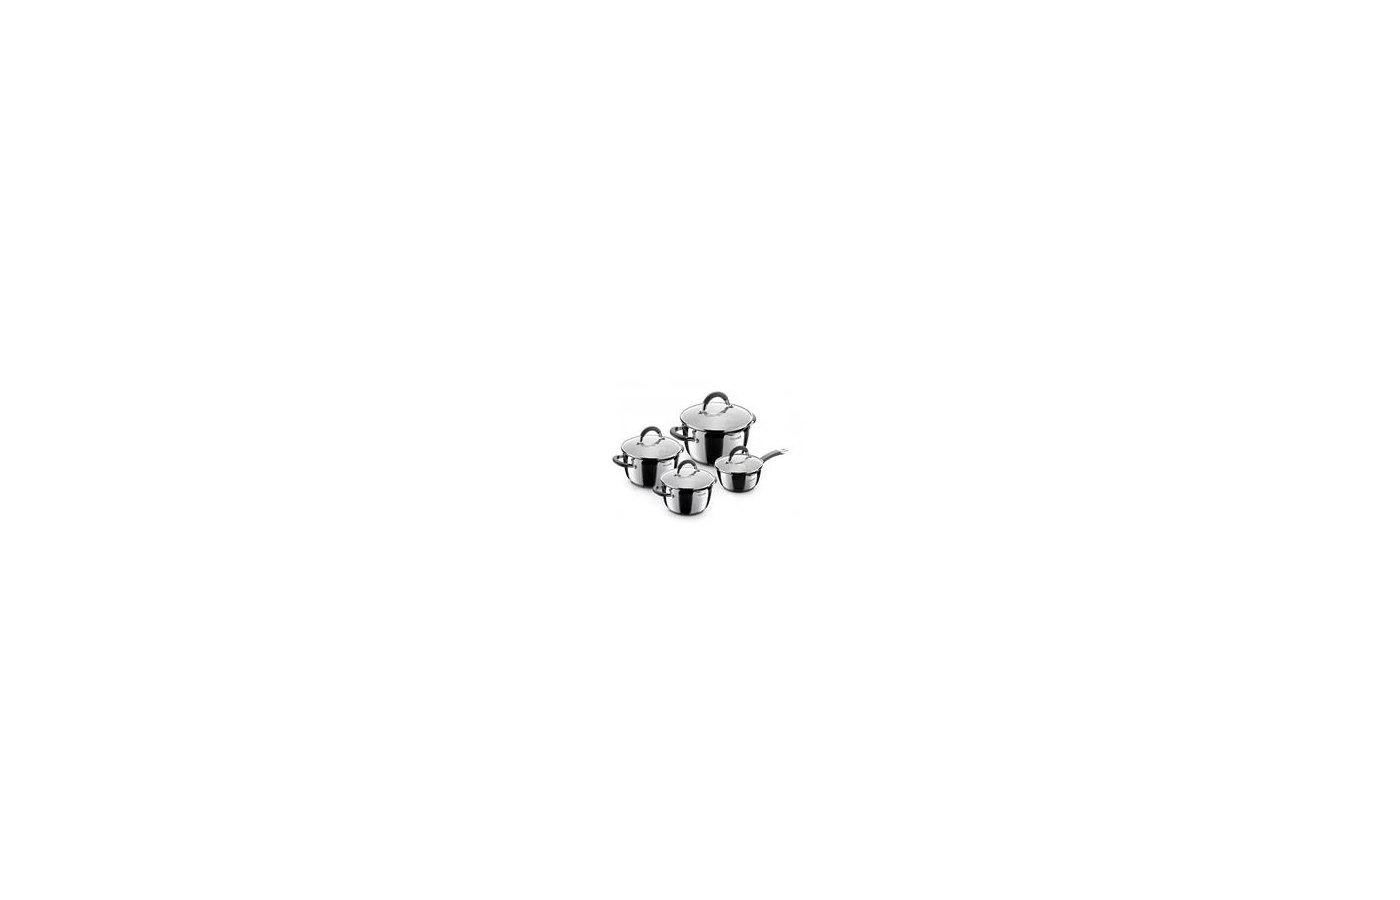 Набор посуды  Rondell RDS-040 Flamme 8 пр: кастрюли 18/20/24см с/кр ковш 16 см с/кр